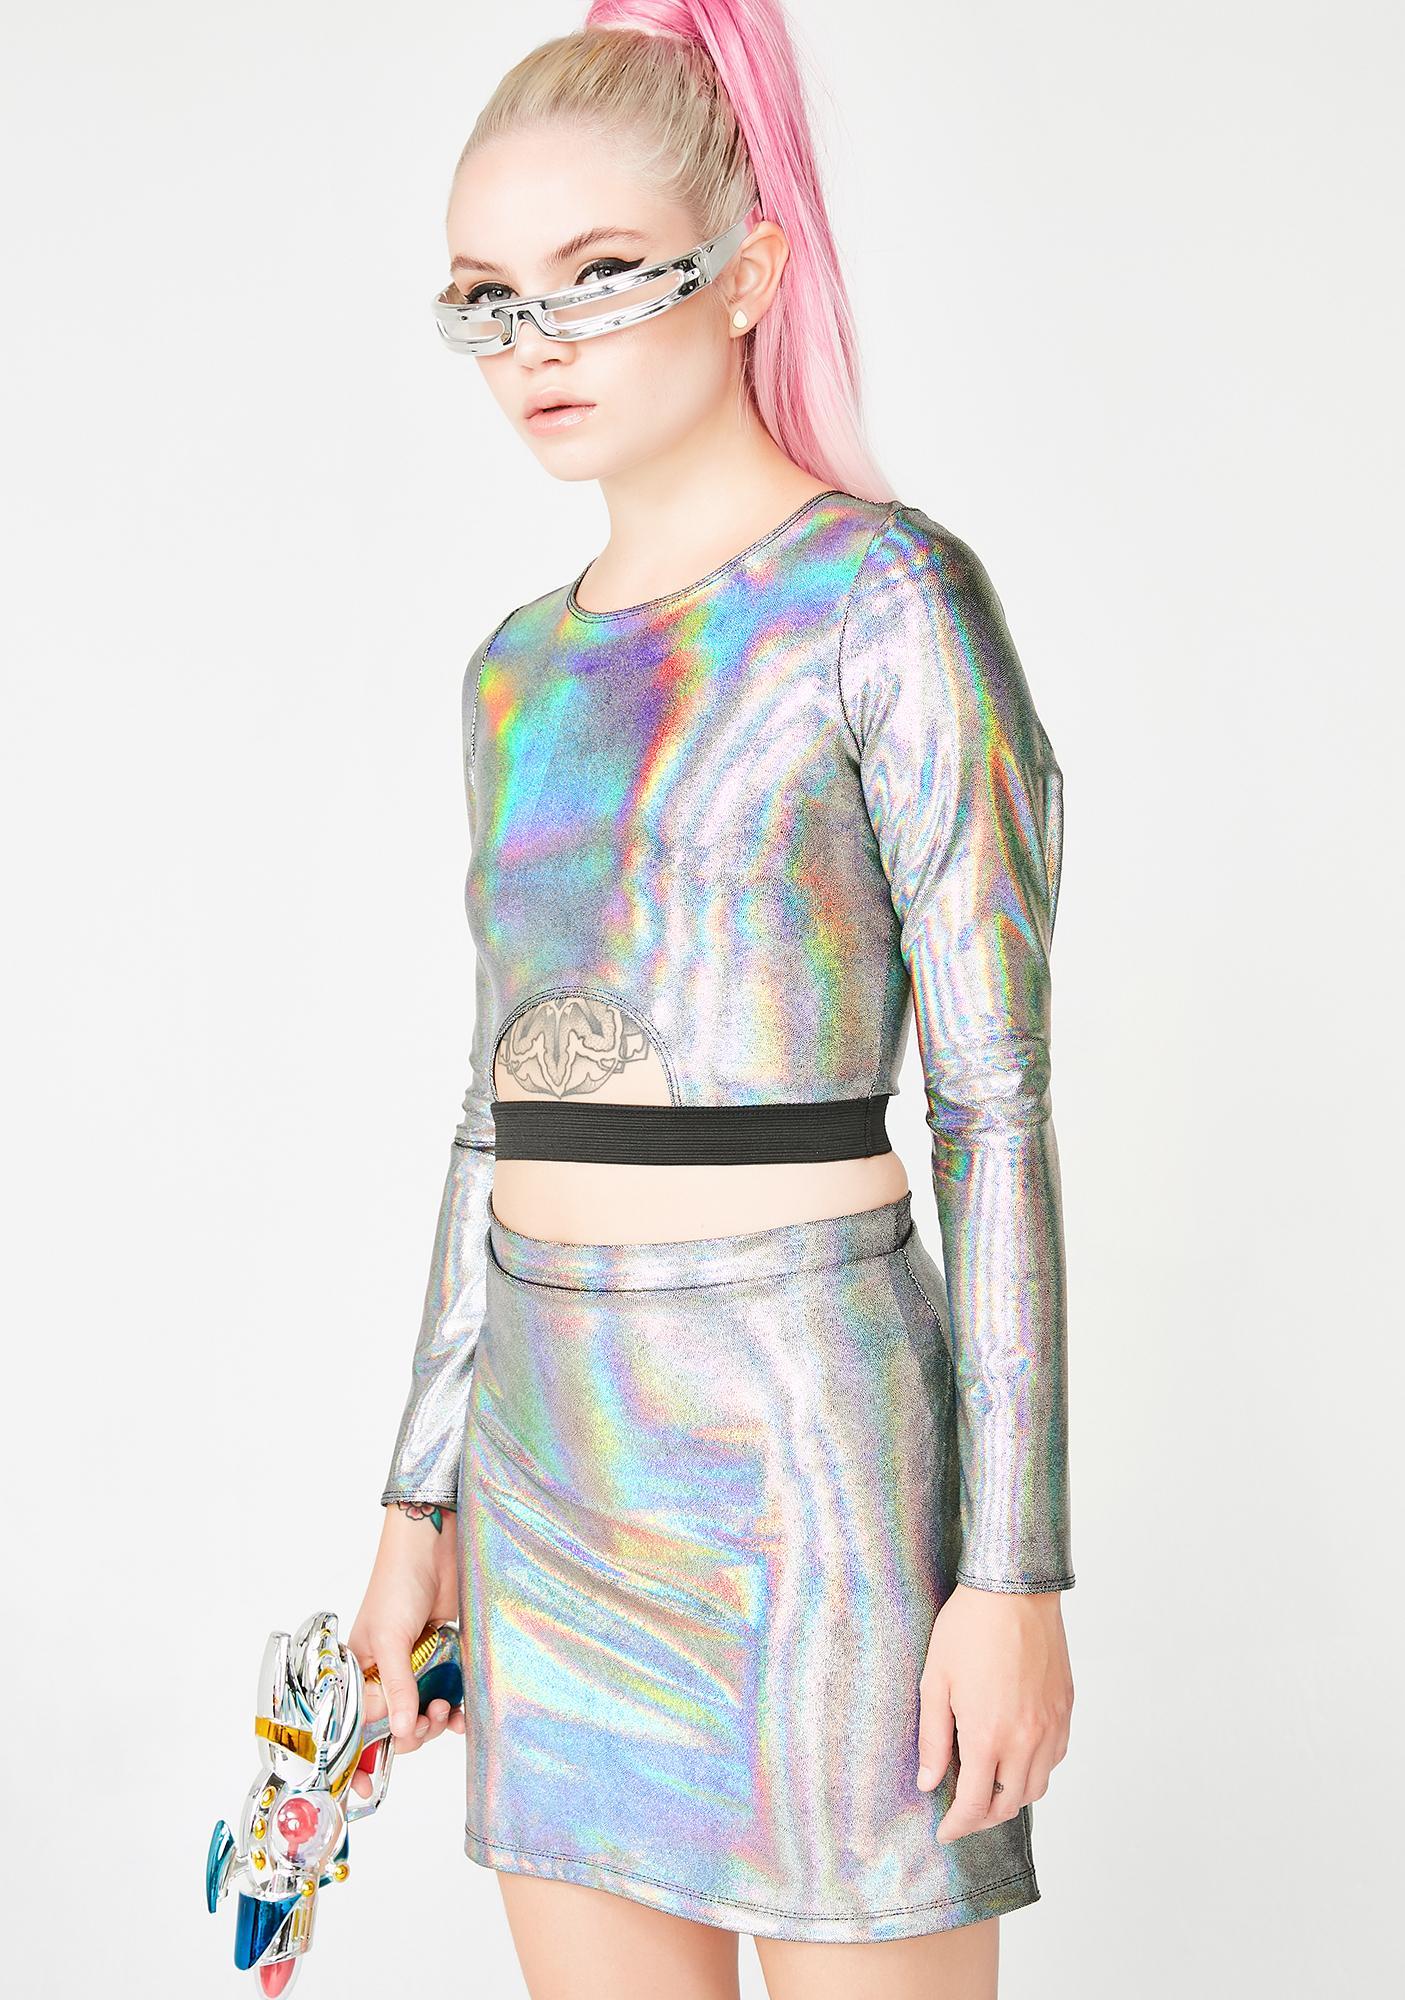 Ivy Berlin Silver Disco Top